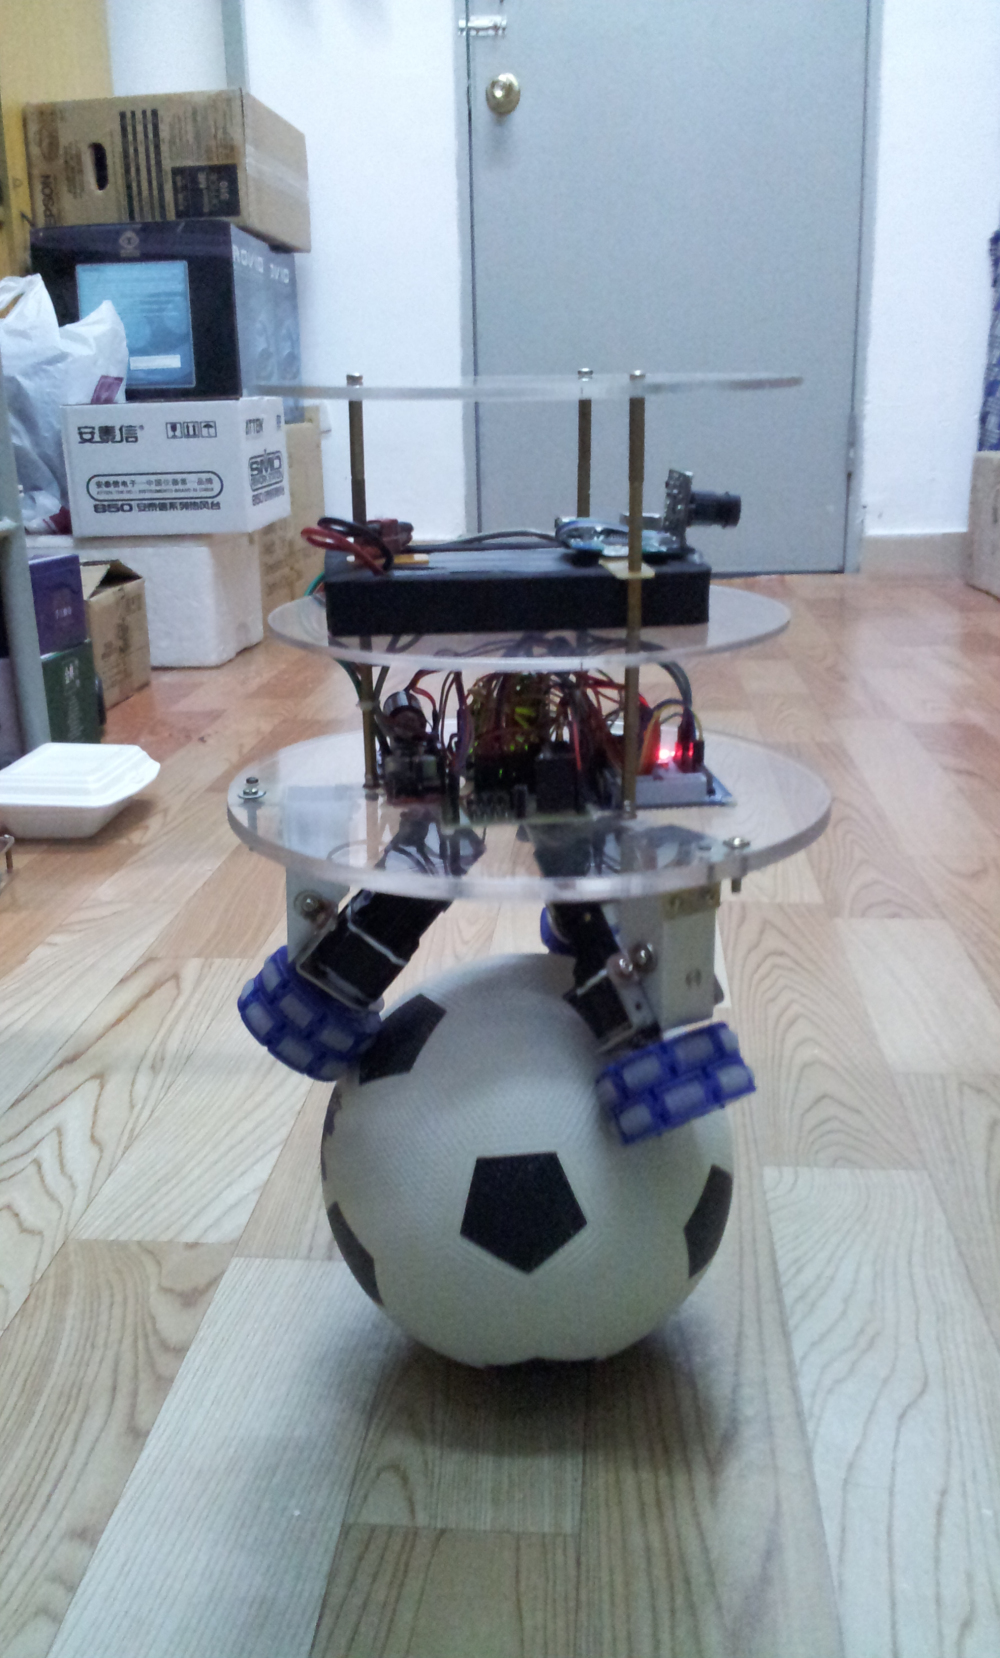 How to make a Ball Balancing Robot